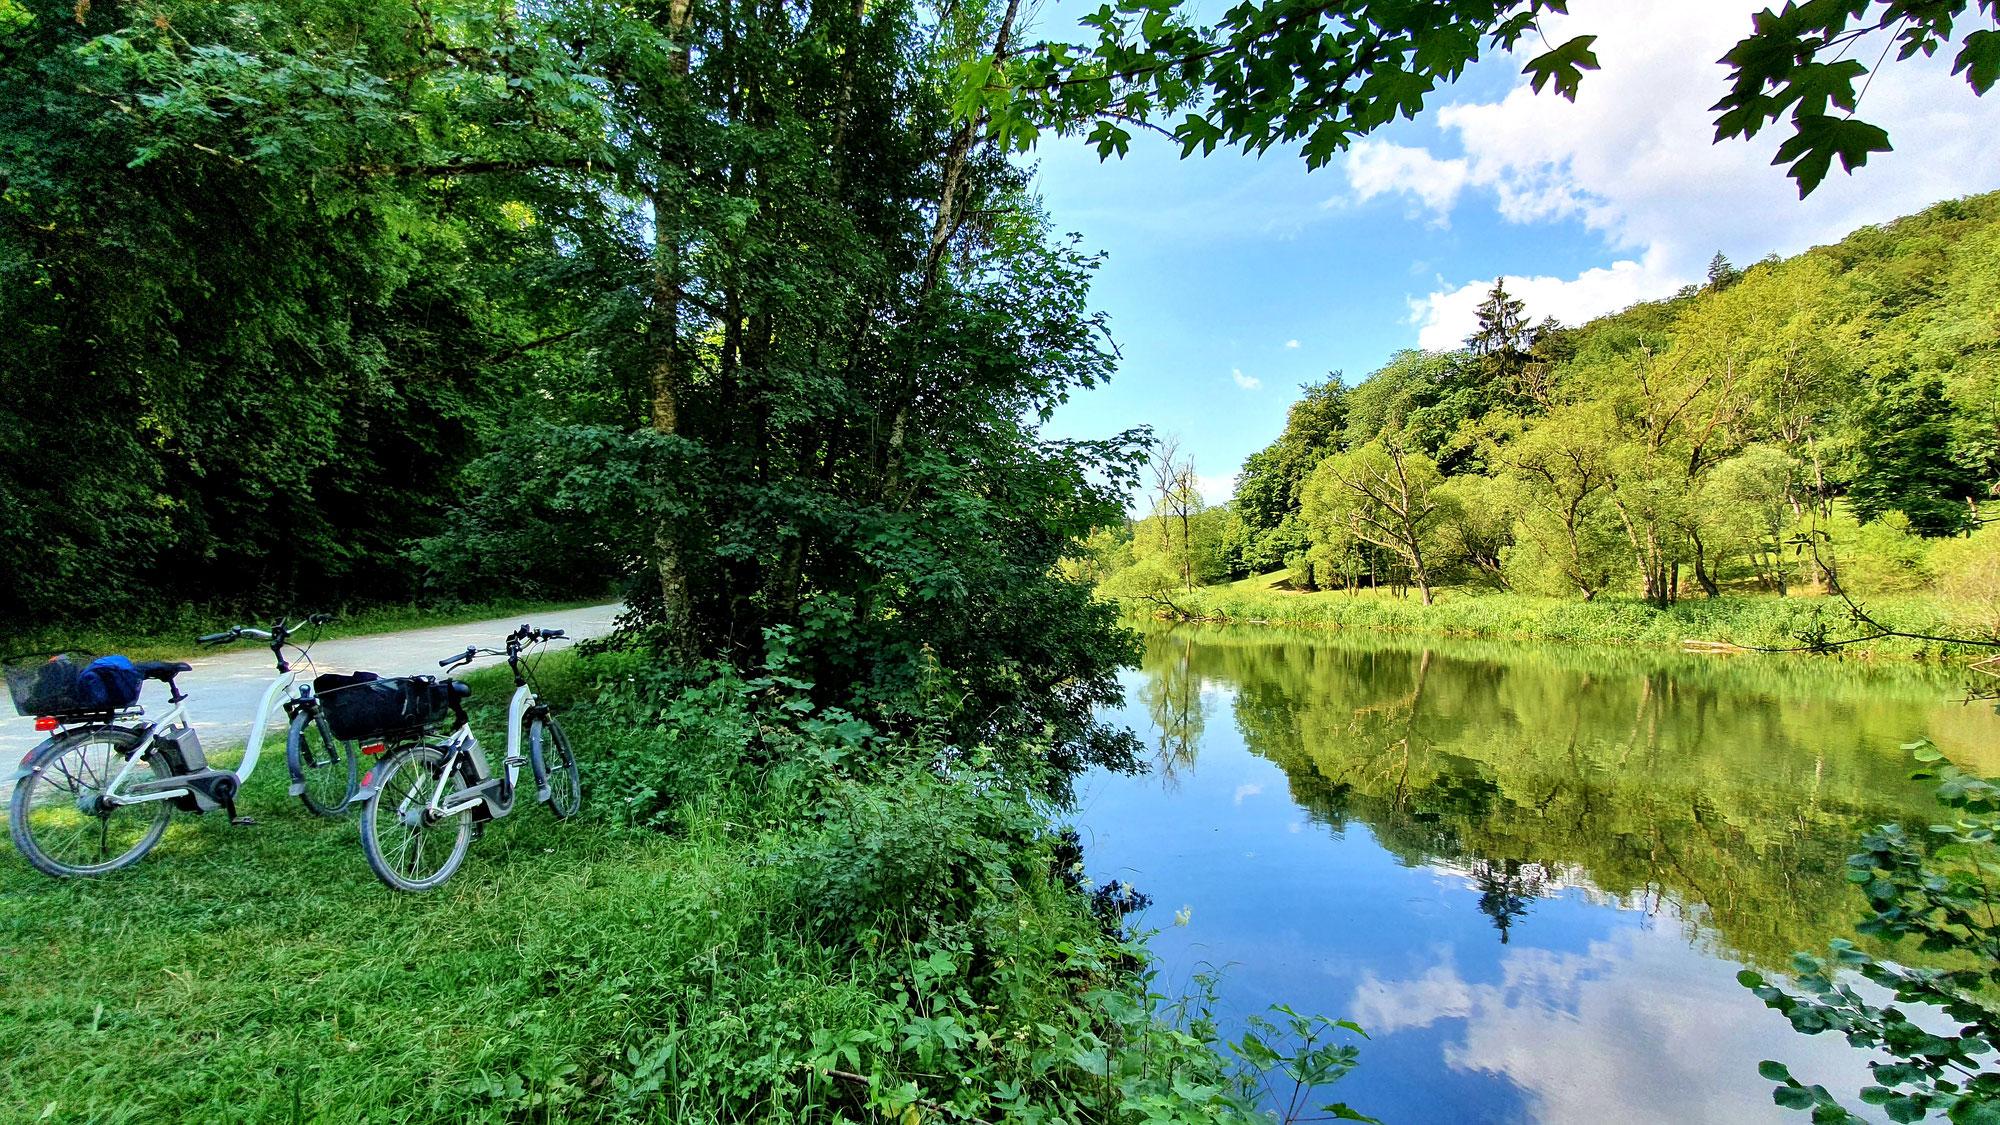 Naturpark oberes Donautal